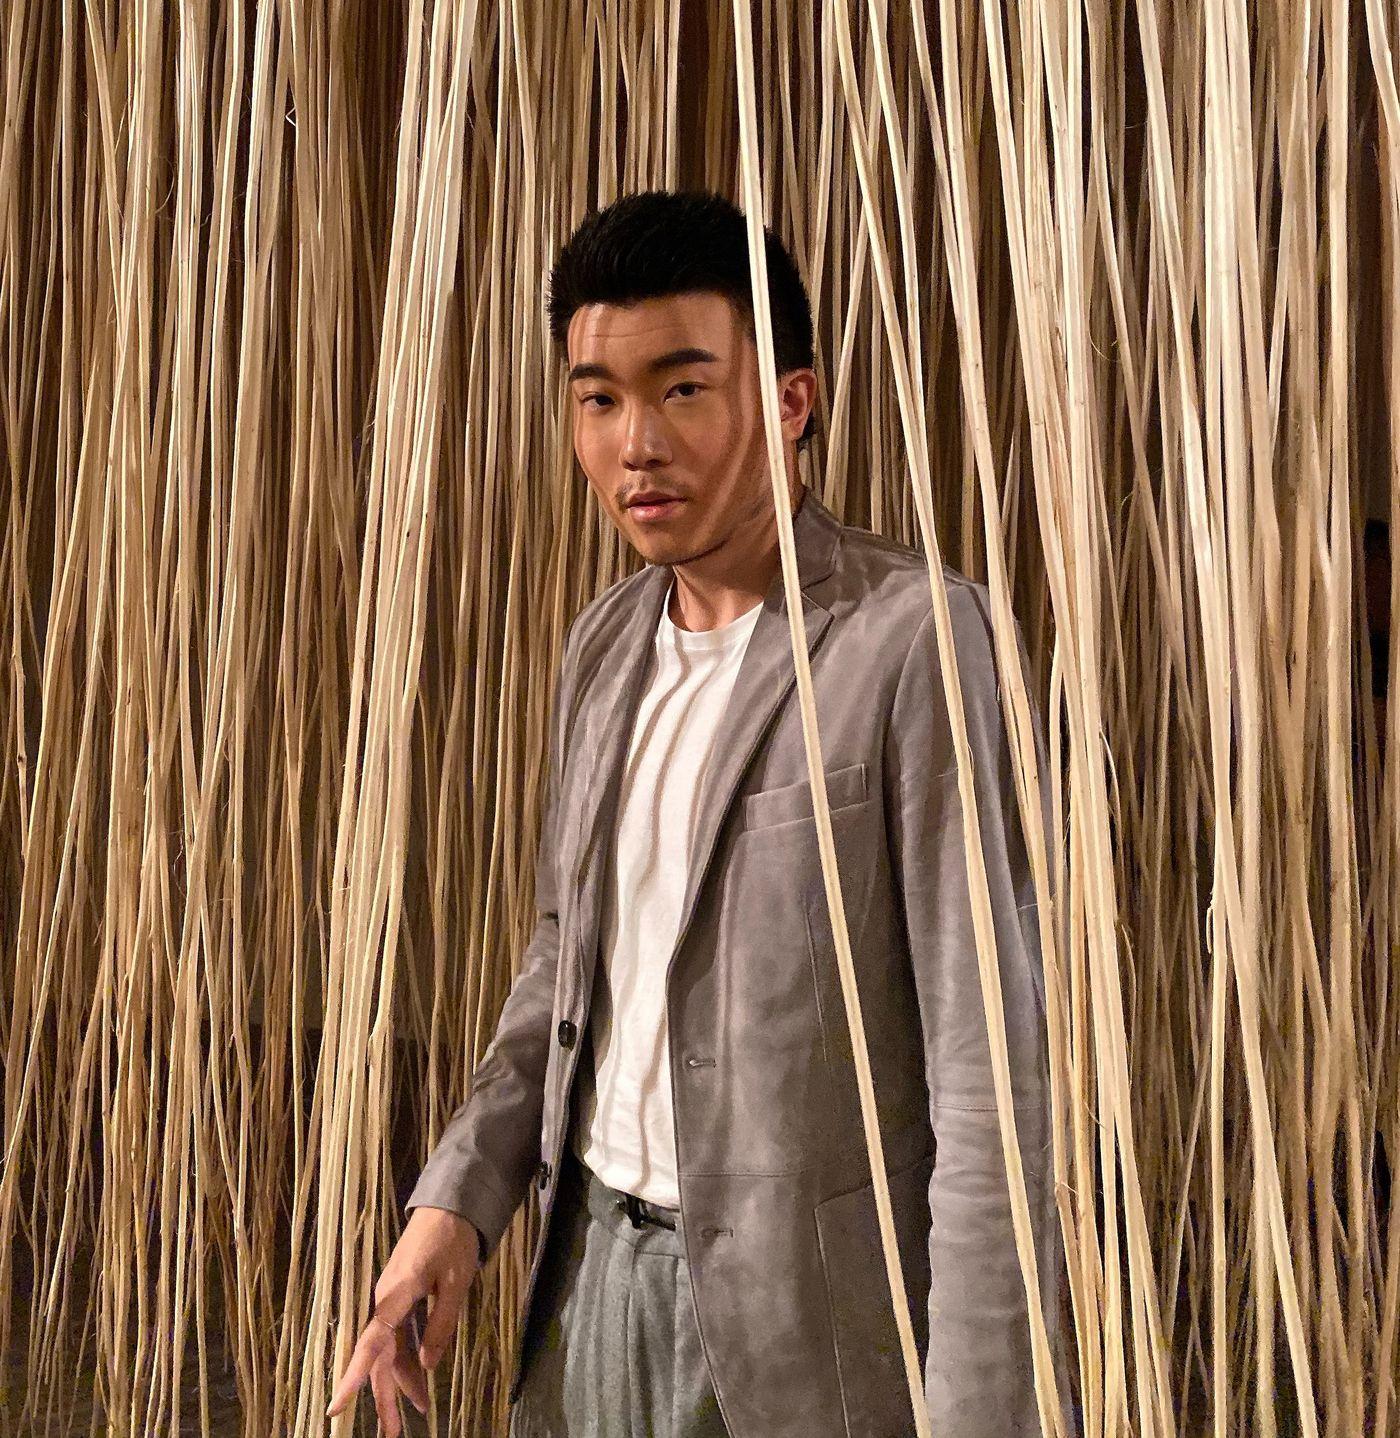 傳奇千禧藏家黄勖夫向來勇於嘗試,並能準確識別具潛力的年輕藝術家,到今天在美術館領域大展拳腳,他的收藏故事就是與別不同。